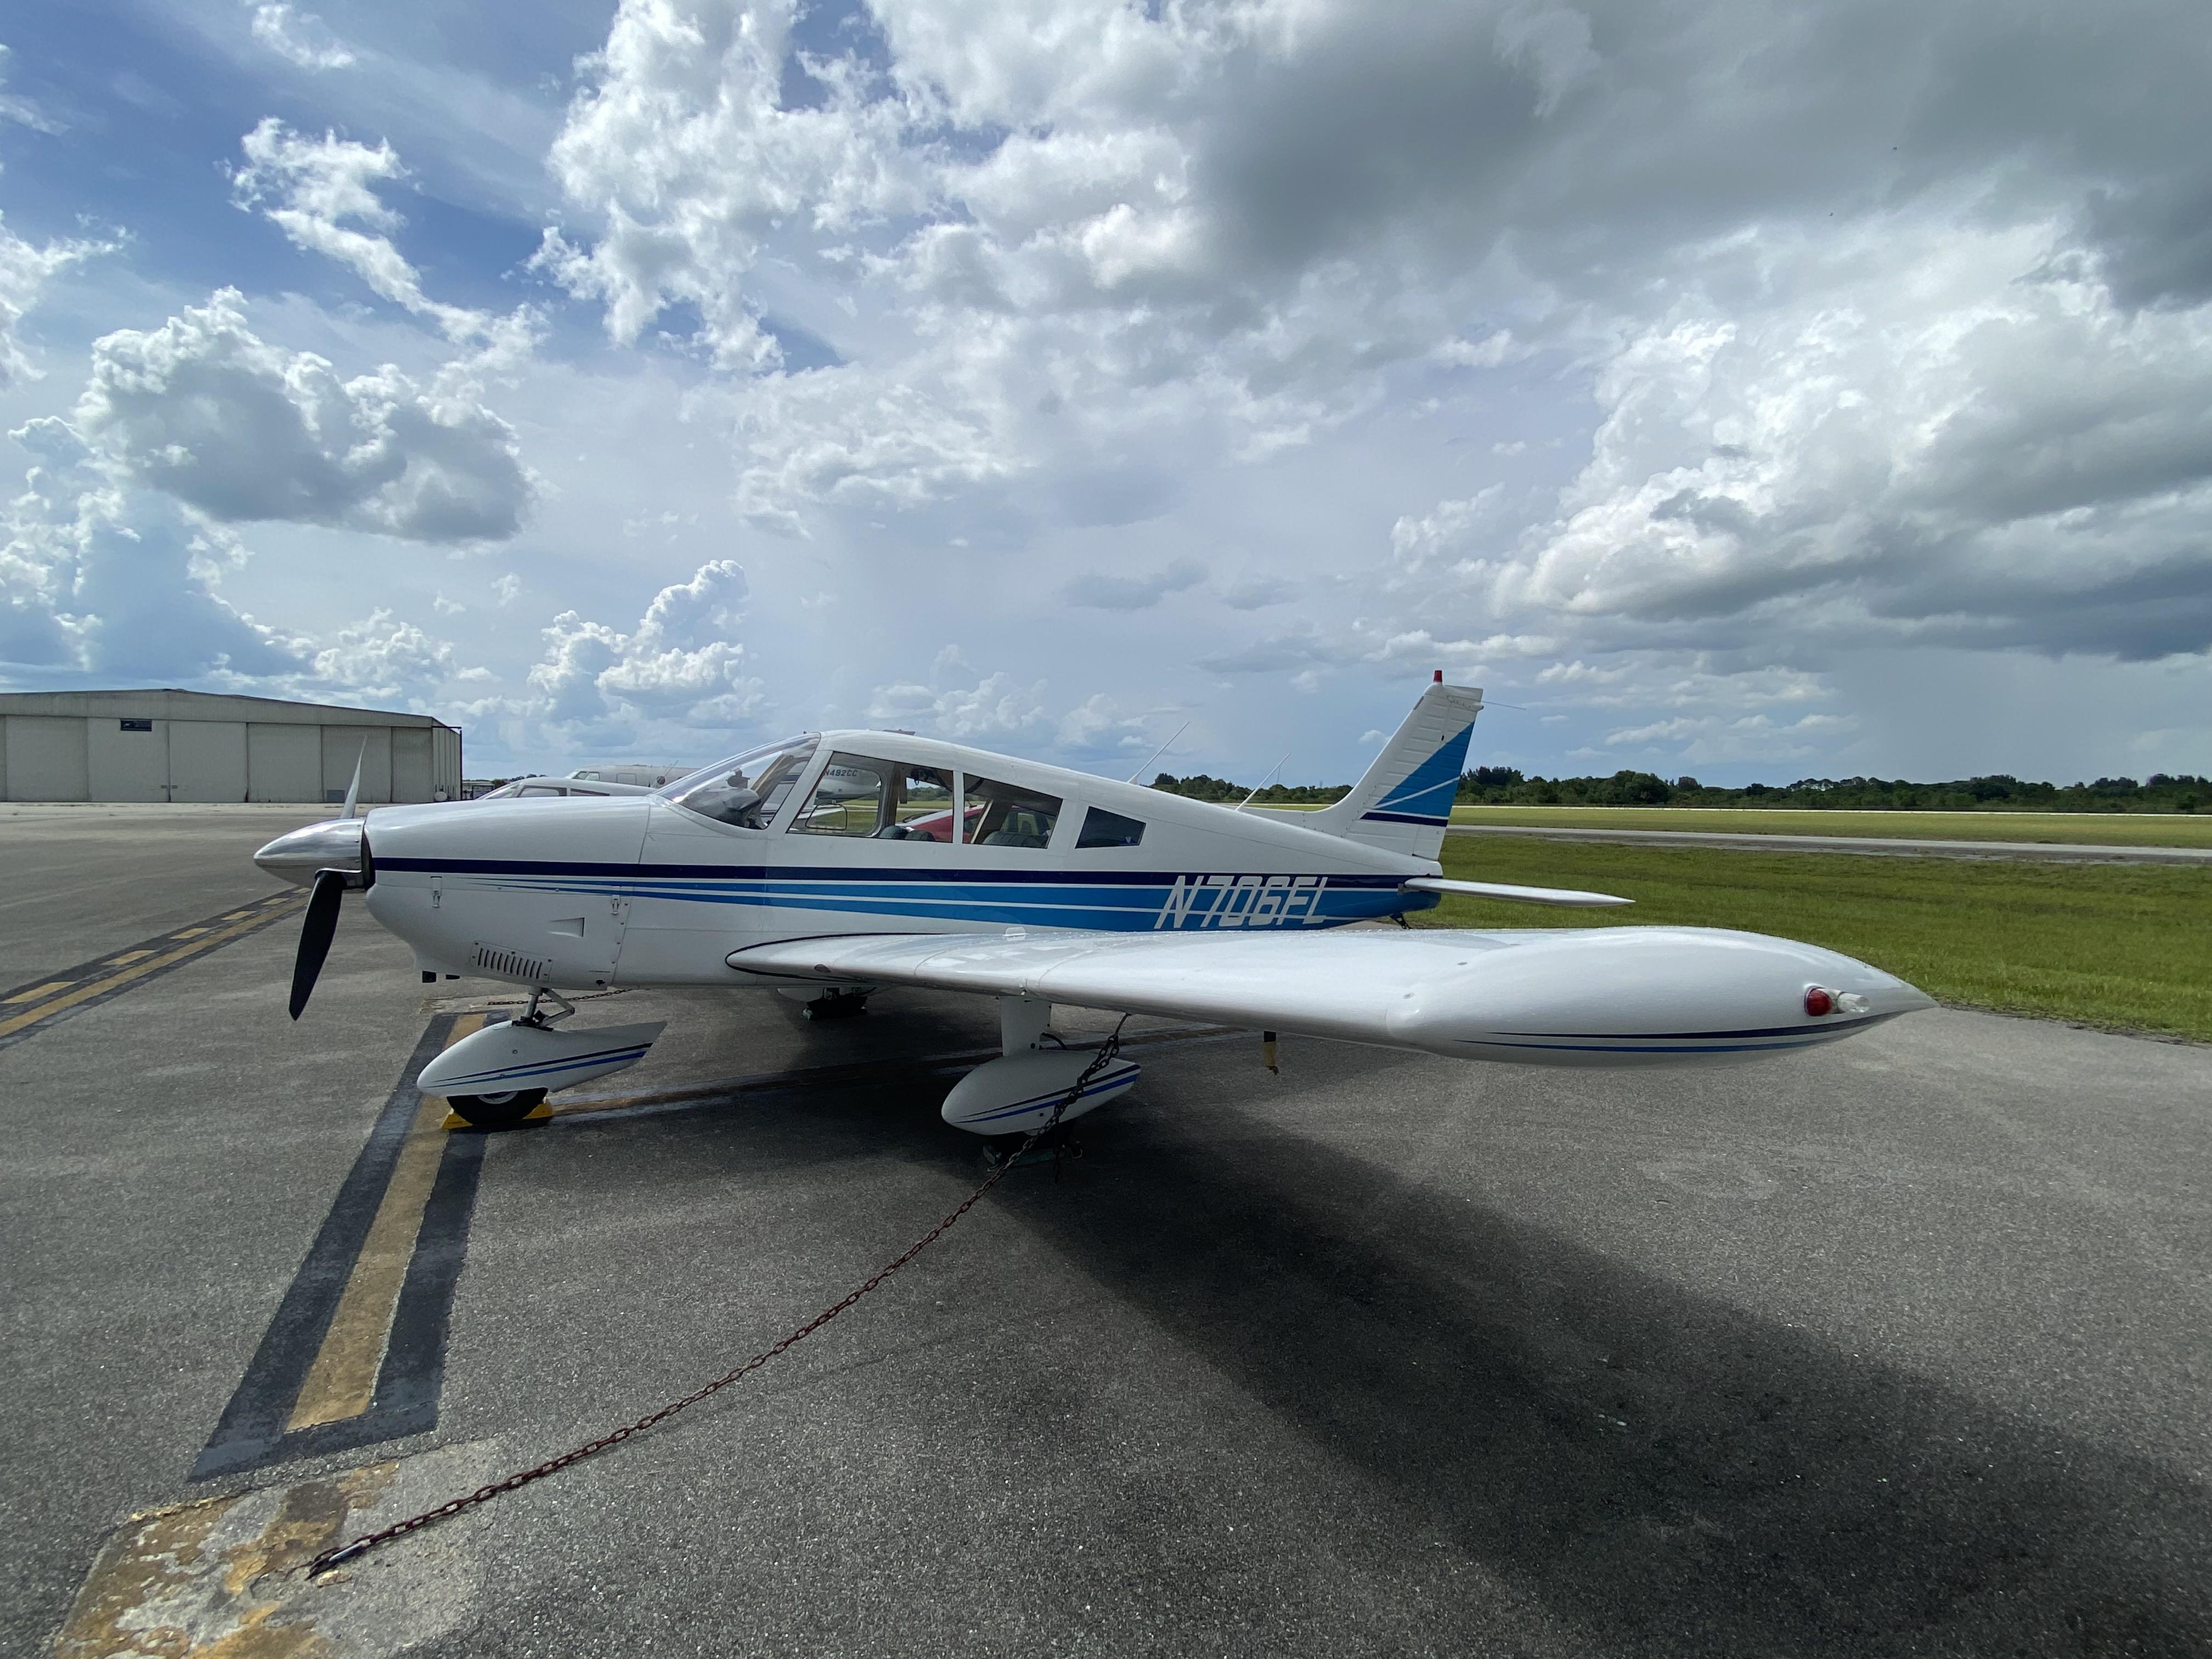 1972 Piper PA 28 - 180